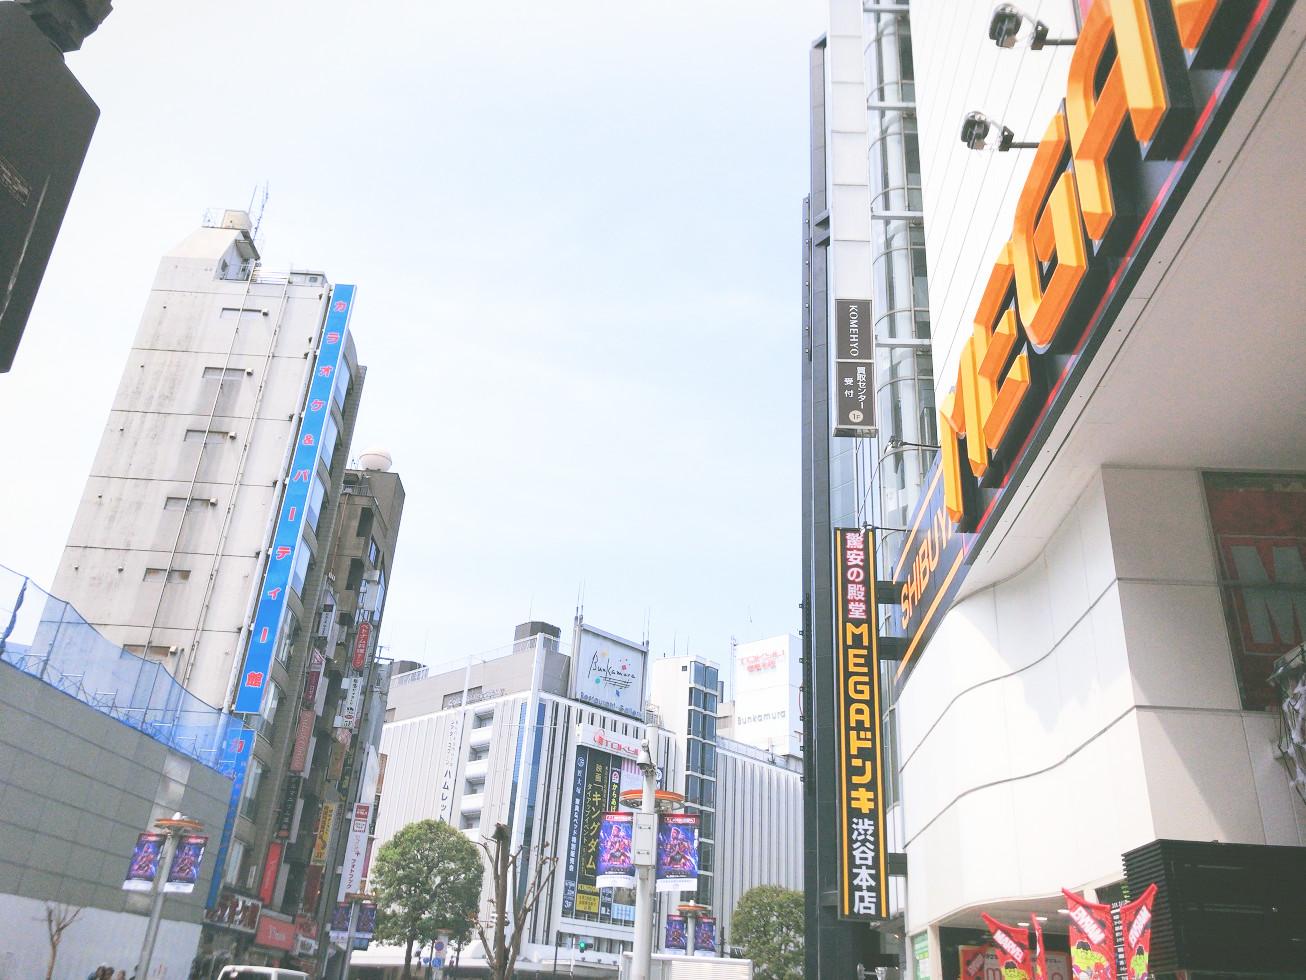 エバーグレース渋谷店初回体験勧誘きつい